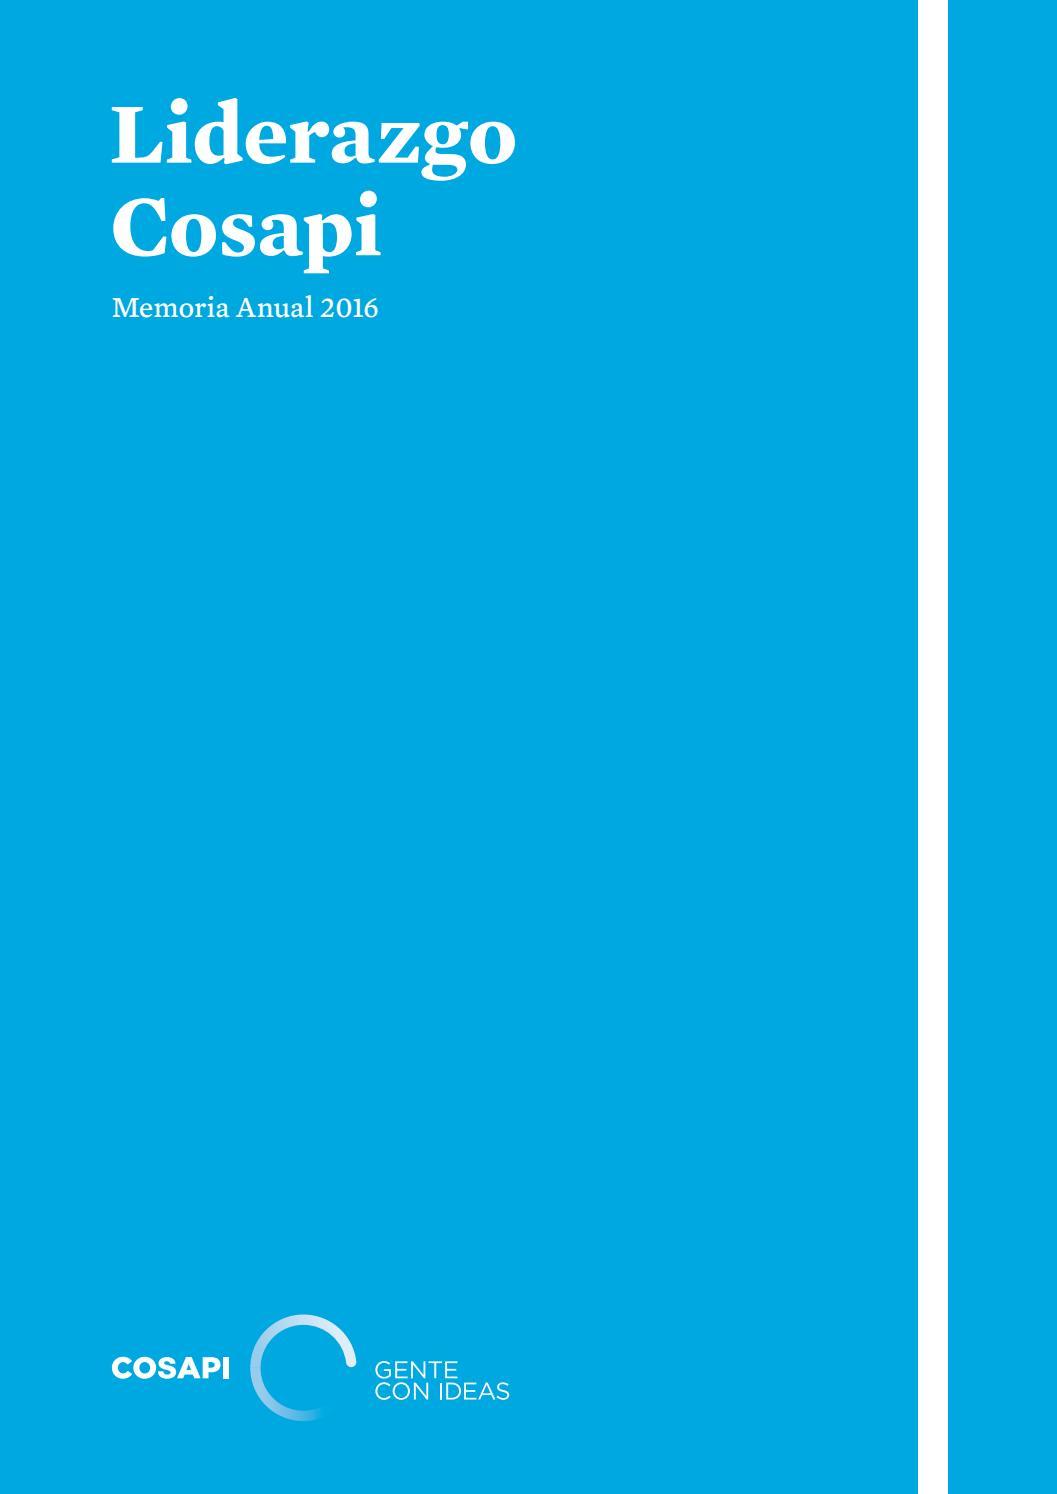 Memoria Anual Cosapi 2016 by Cosapi - issuu